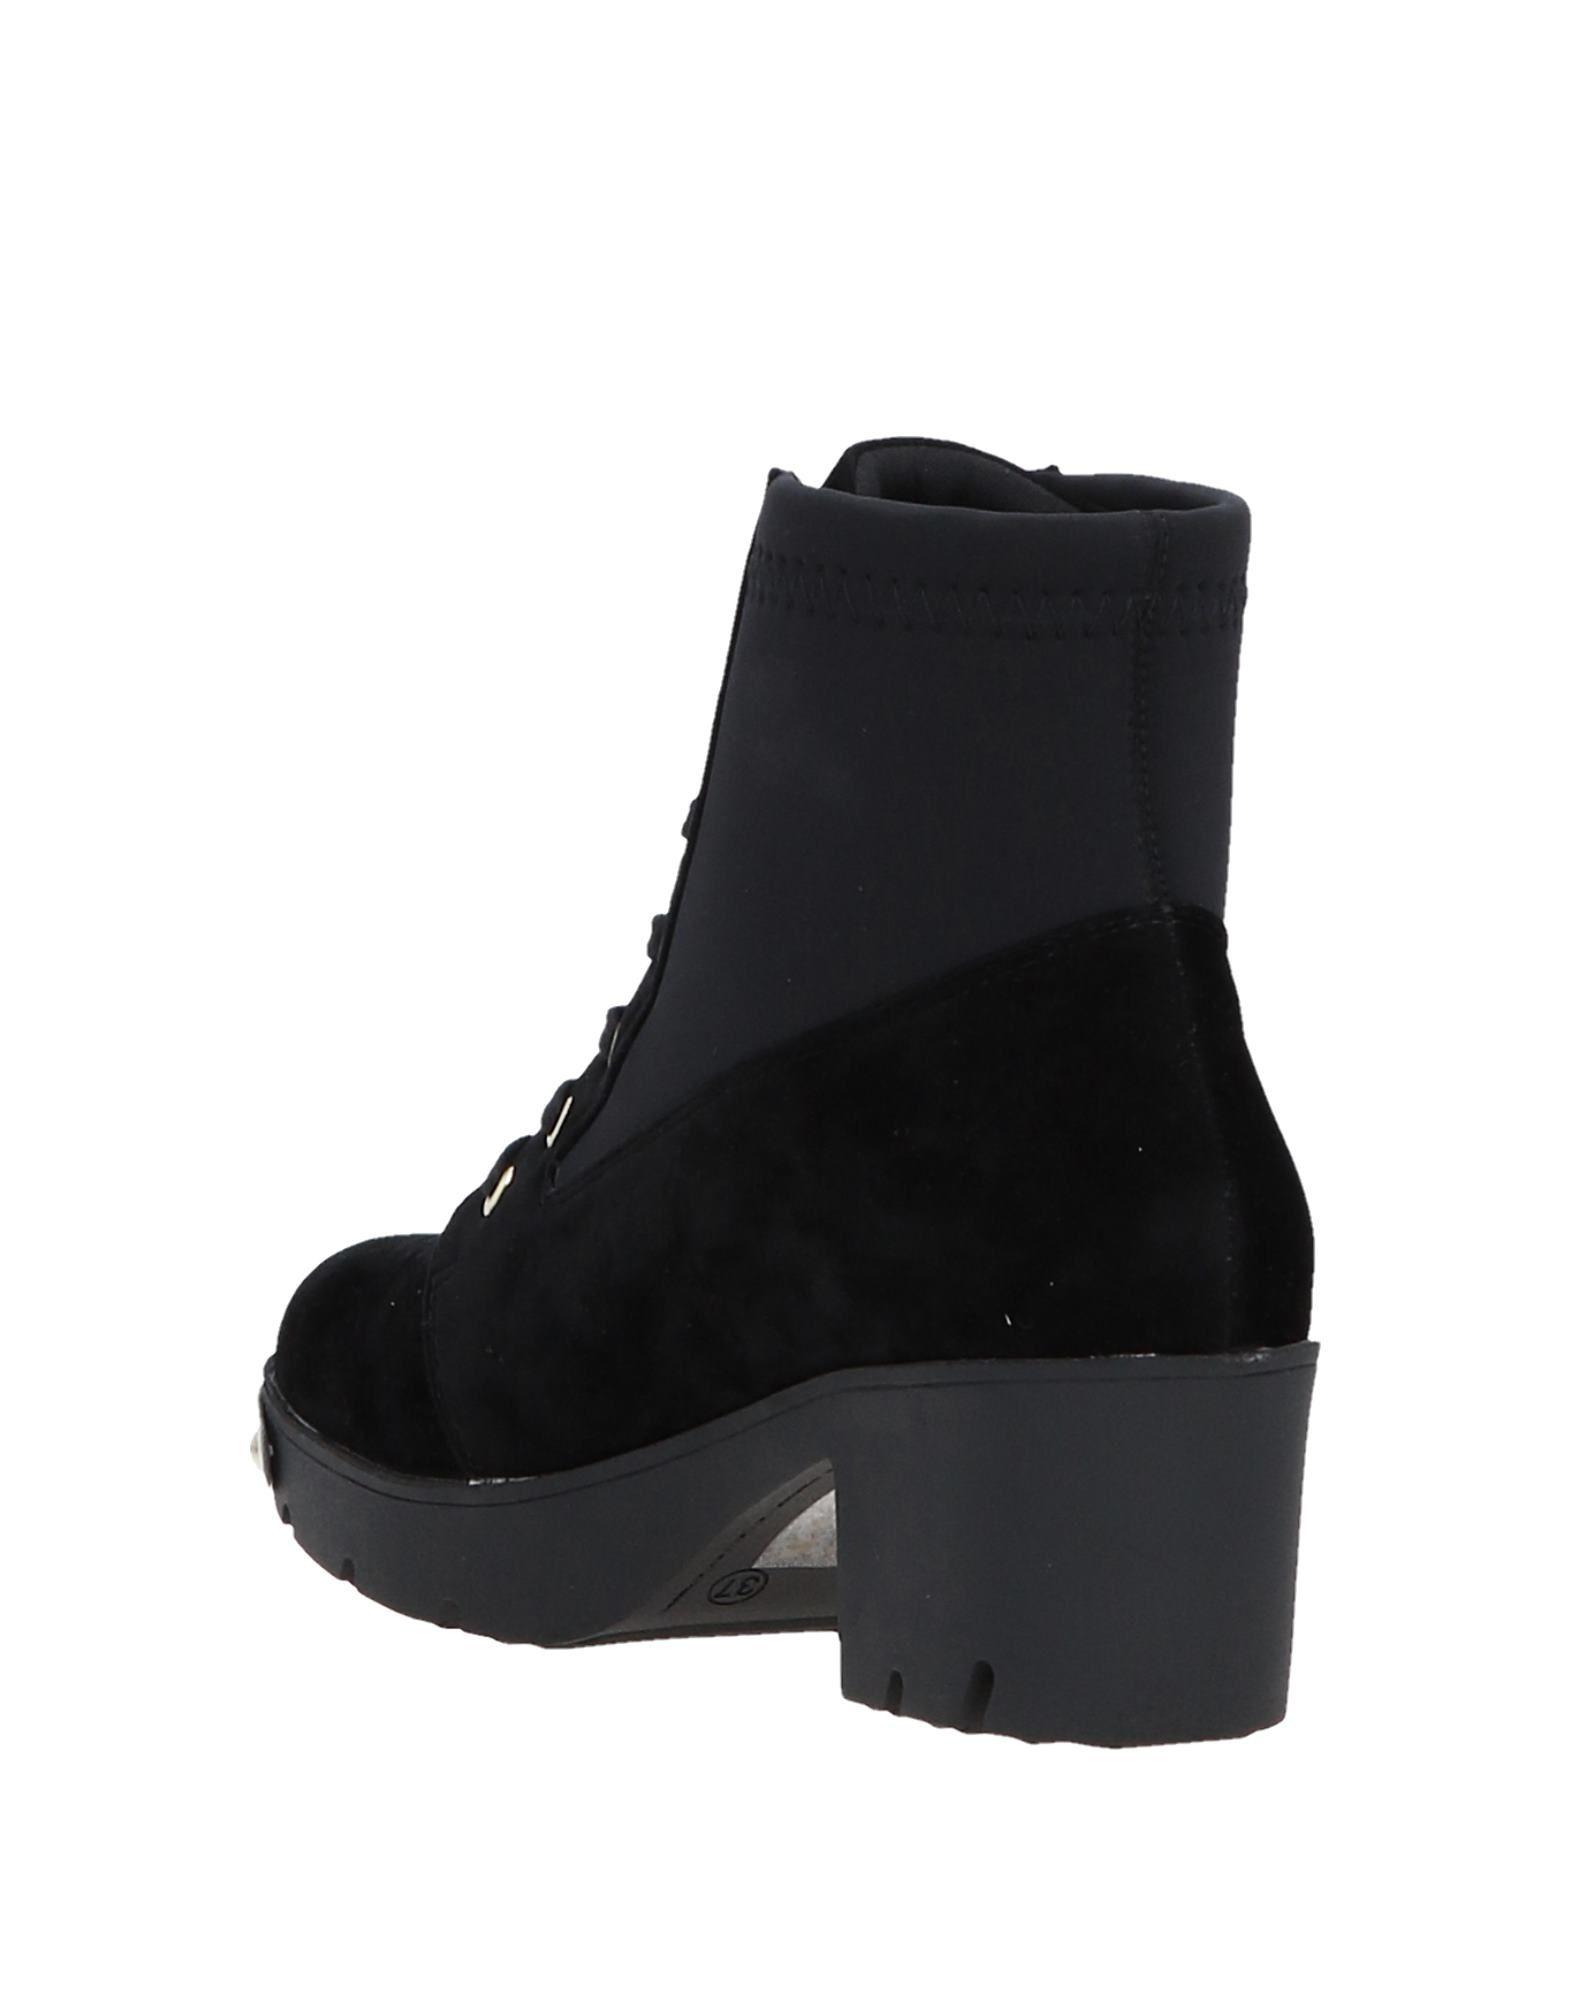 Silvian Heach Stiefelette Damen Qualität  11519120ES Gute Qualität Damen beliebte Schuhe 1fc7d1